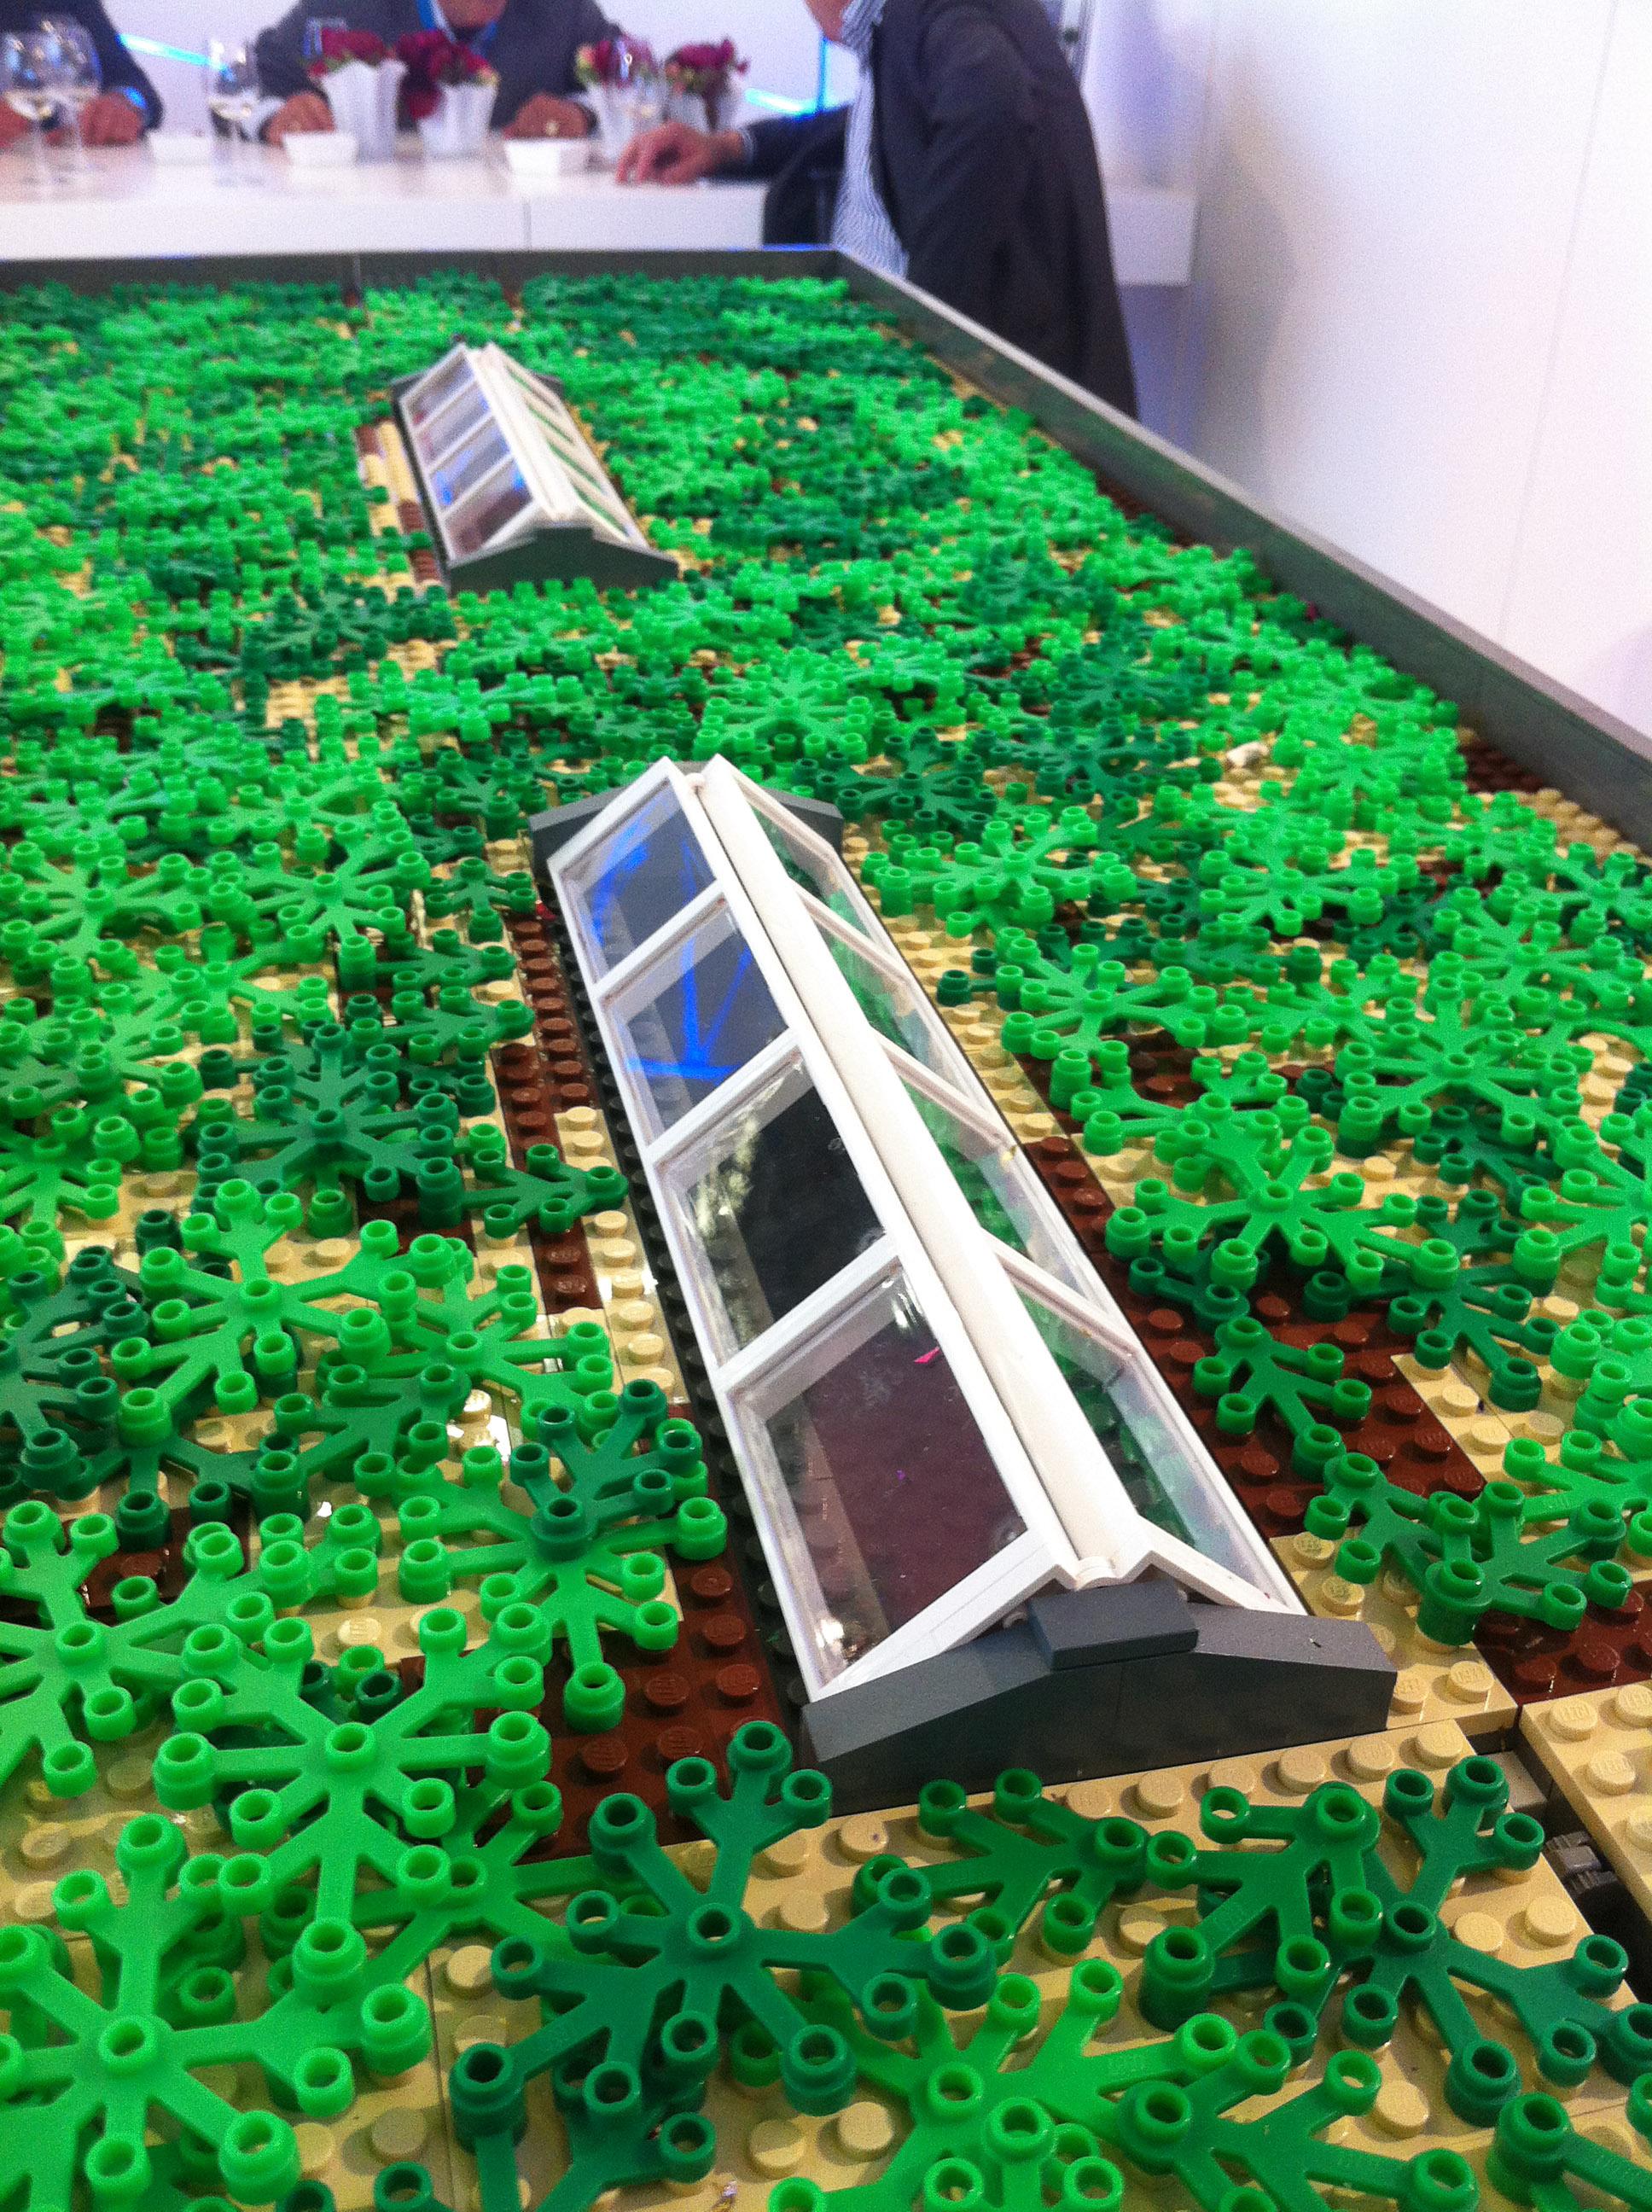 Lego Maquette Detail 3